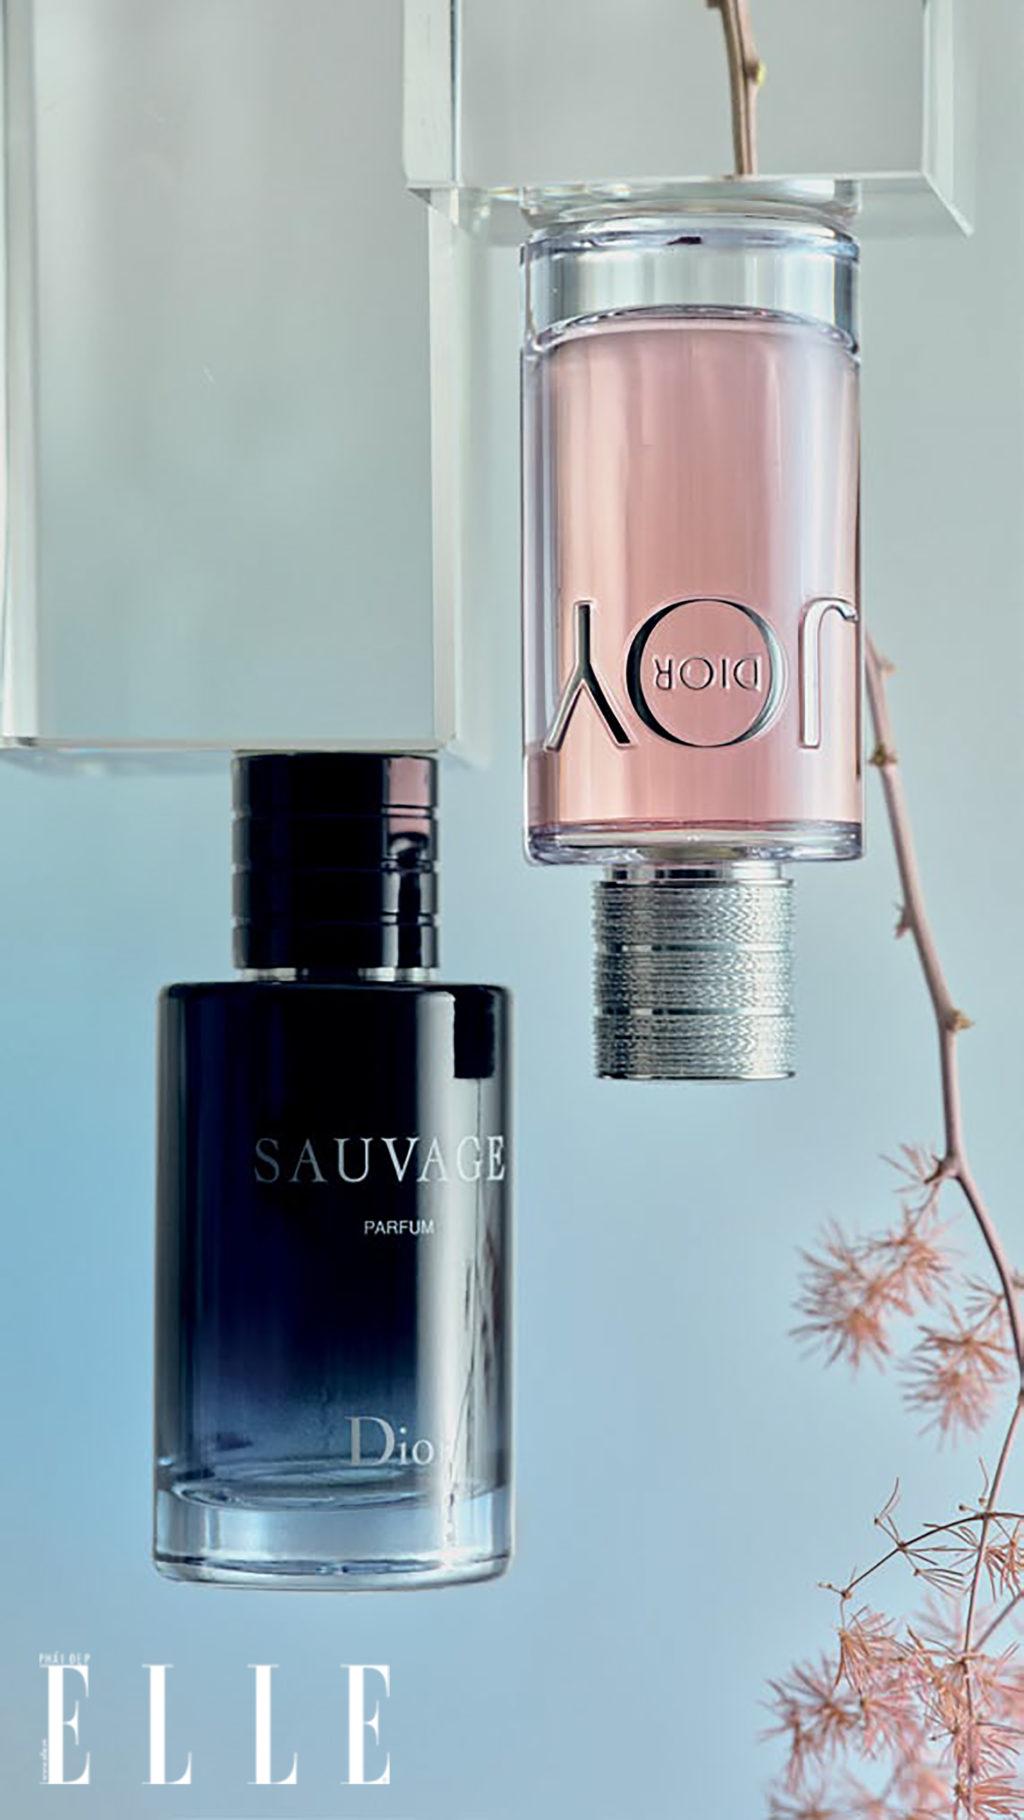 mùi hương đôi của thương hiệu Dior